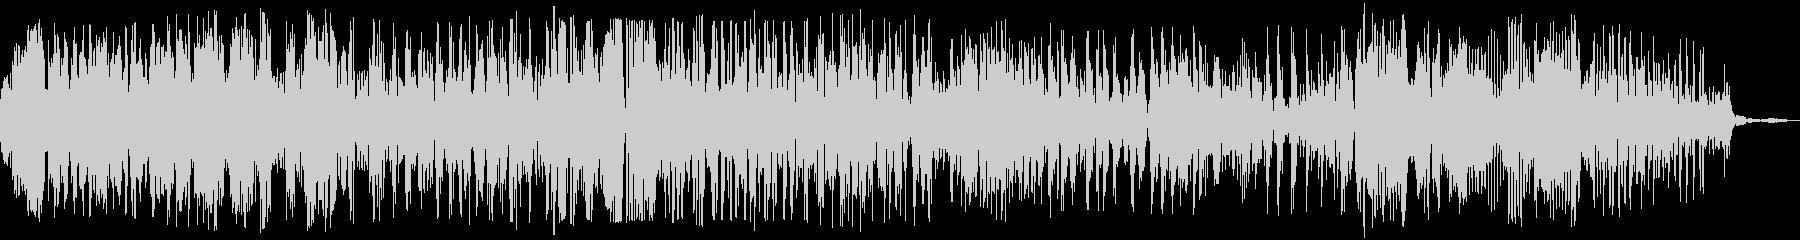 ゾンビの声(グオー)の未再生の波形